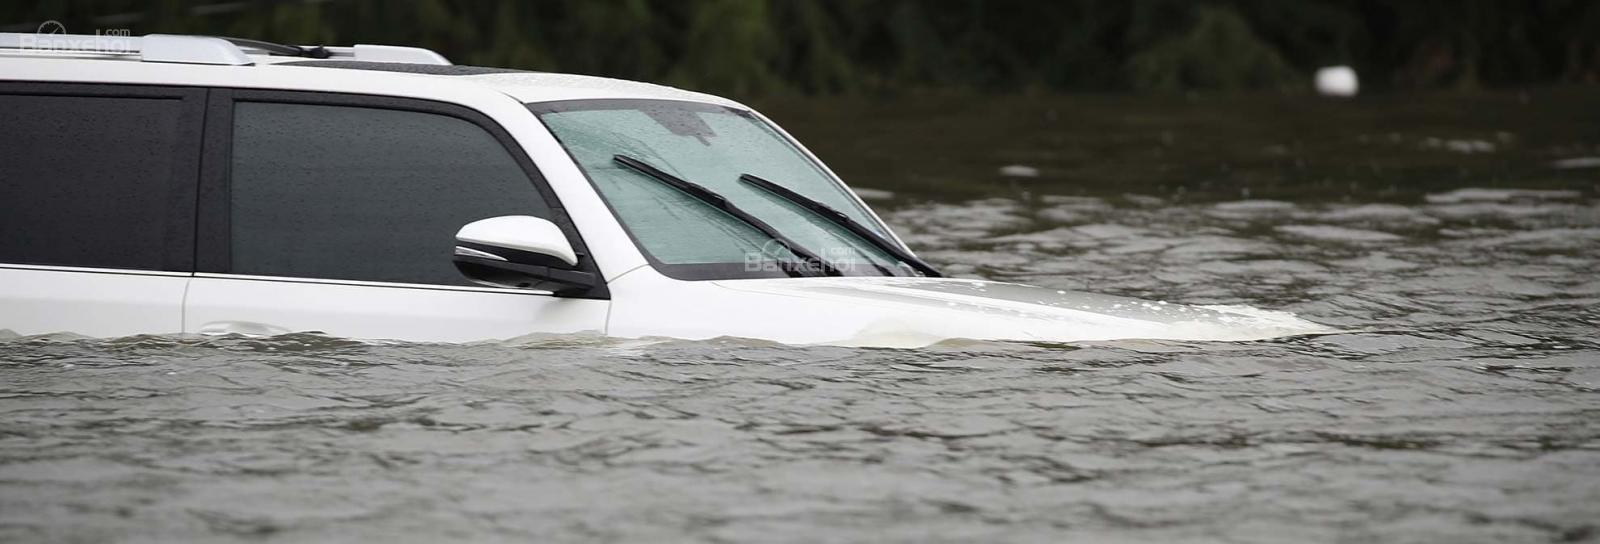 10 điều nên tuân thủ khi ô tô bị ngập nước - 1b